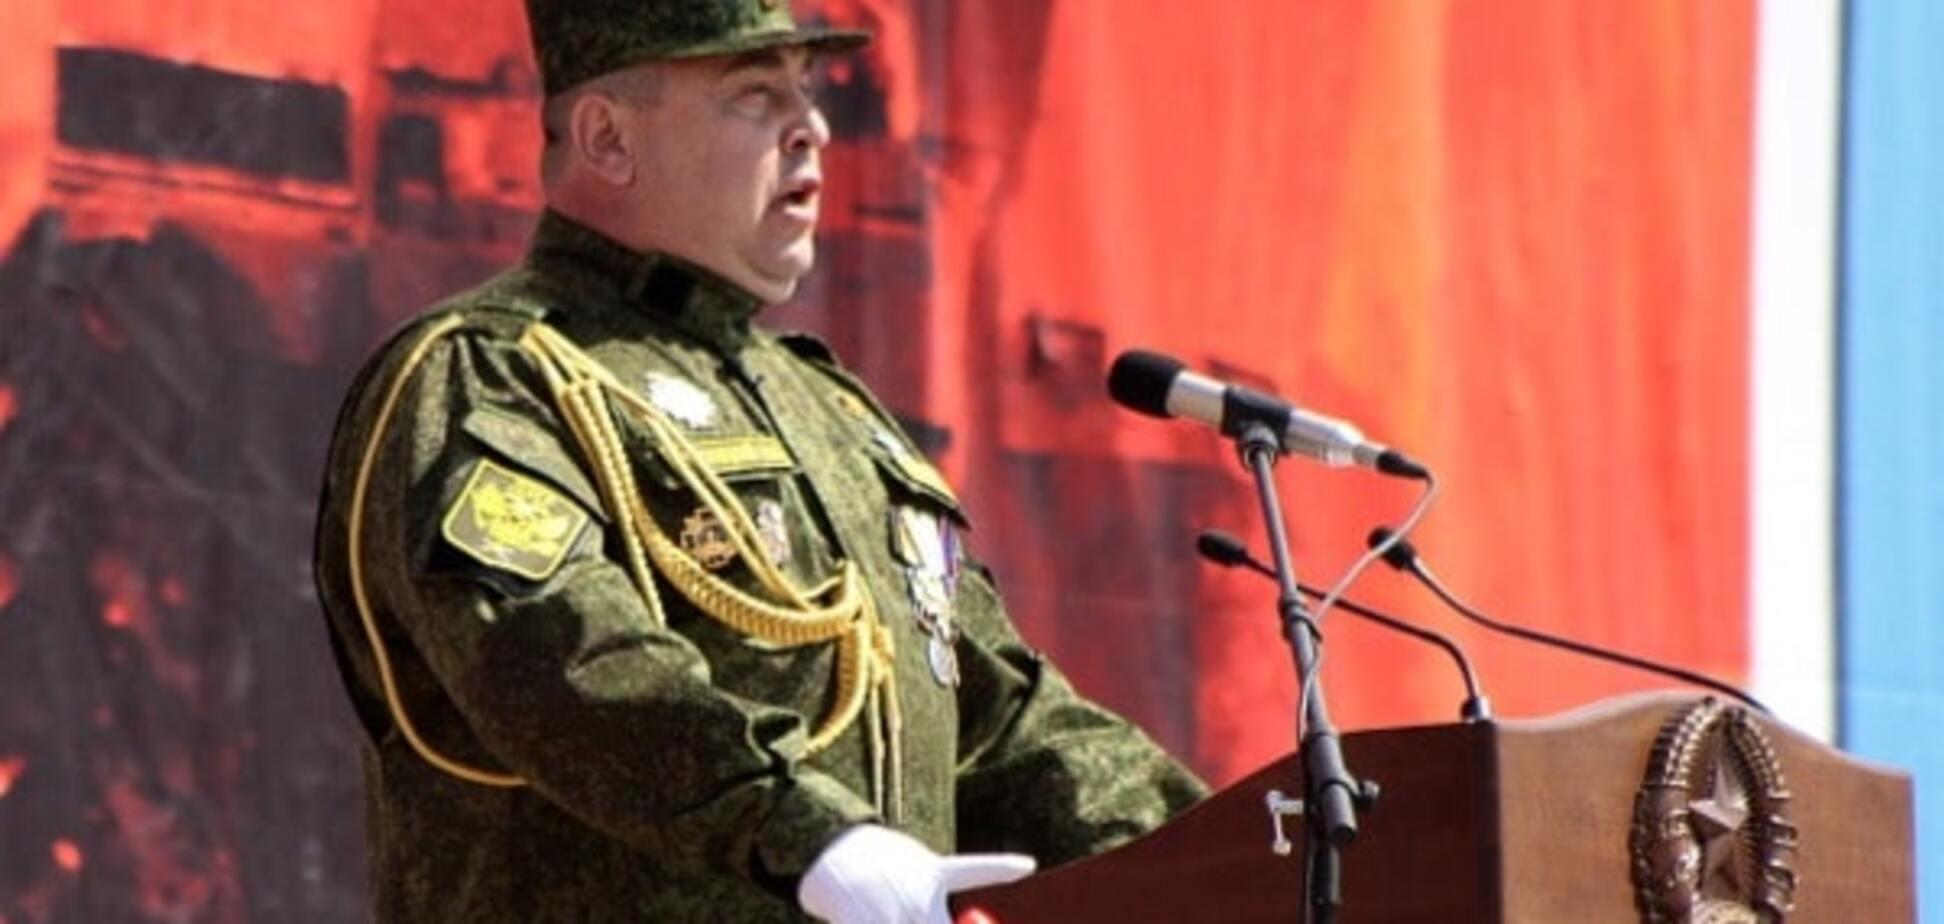 Главарь 'ЛНР' объявил 'односторонний режим тишины'